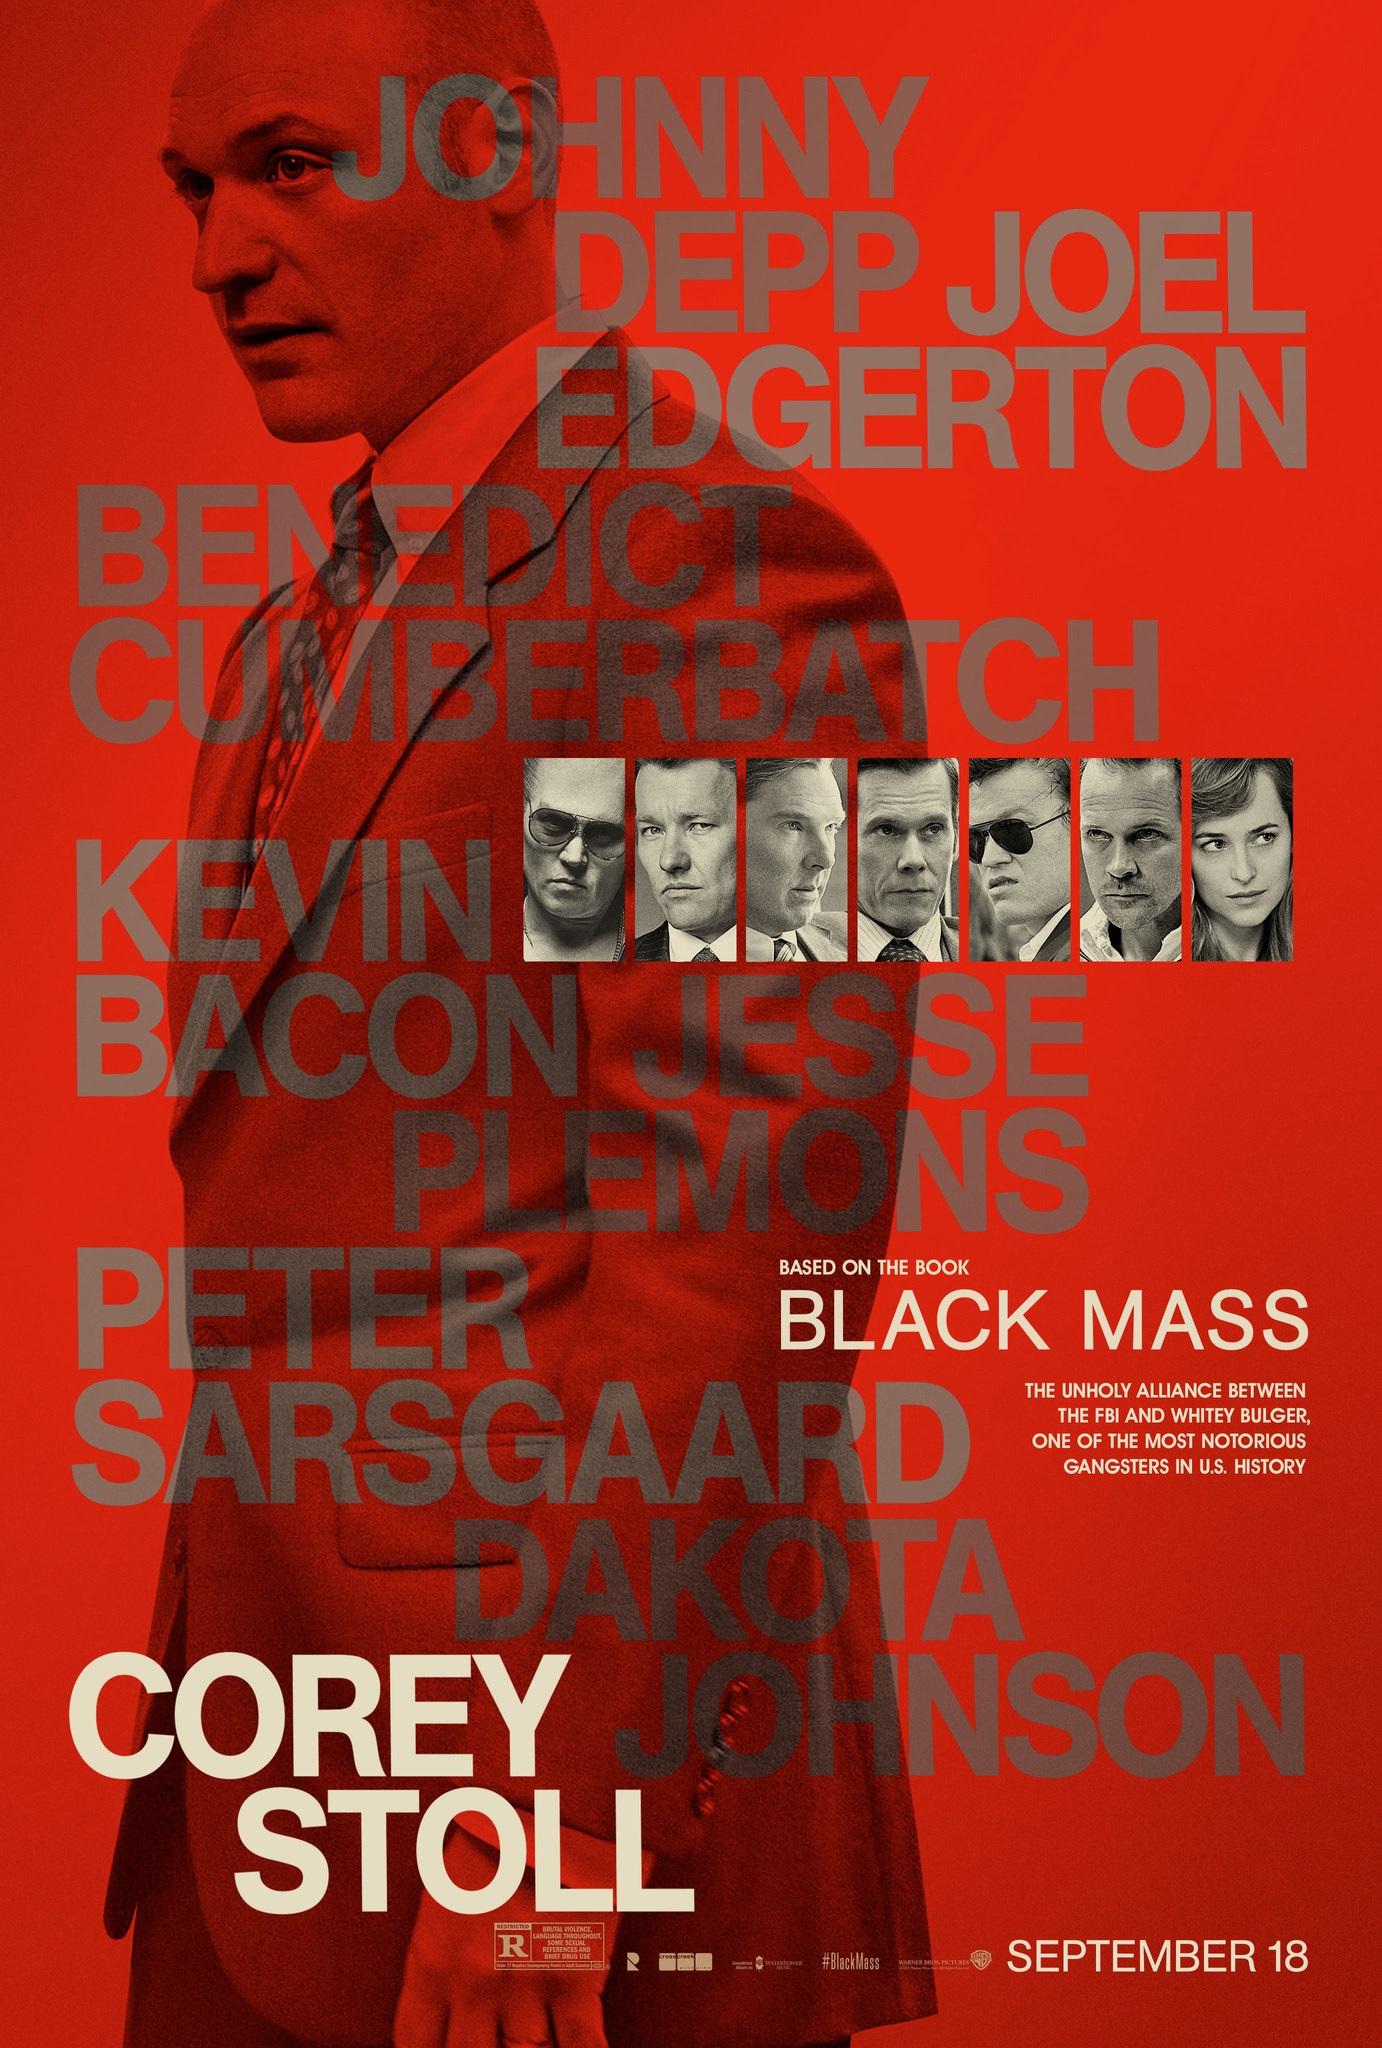 Black mass poster 7 Corey Stoll